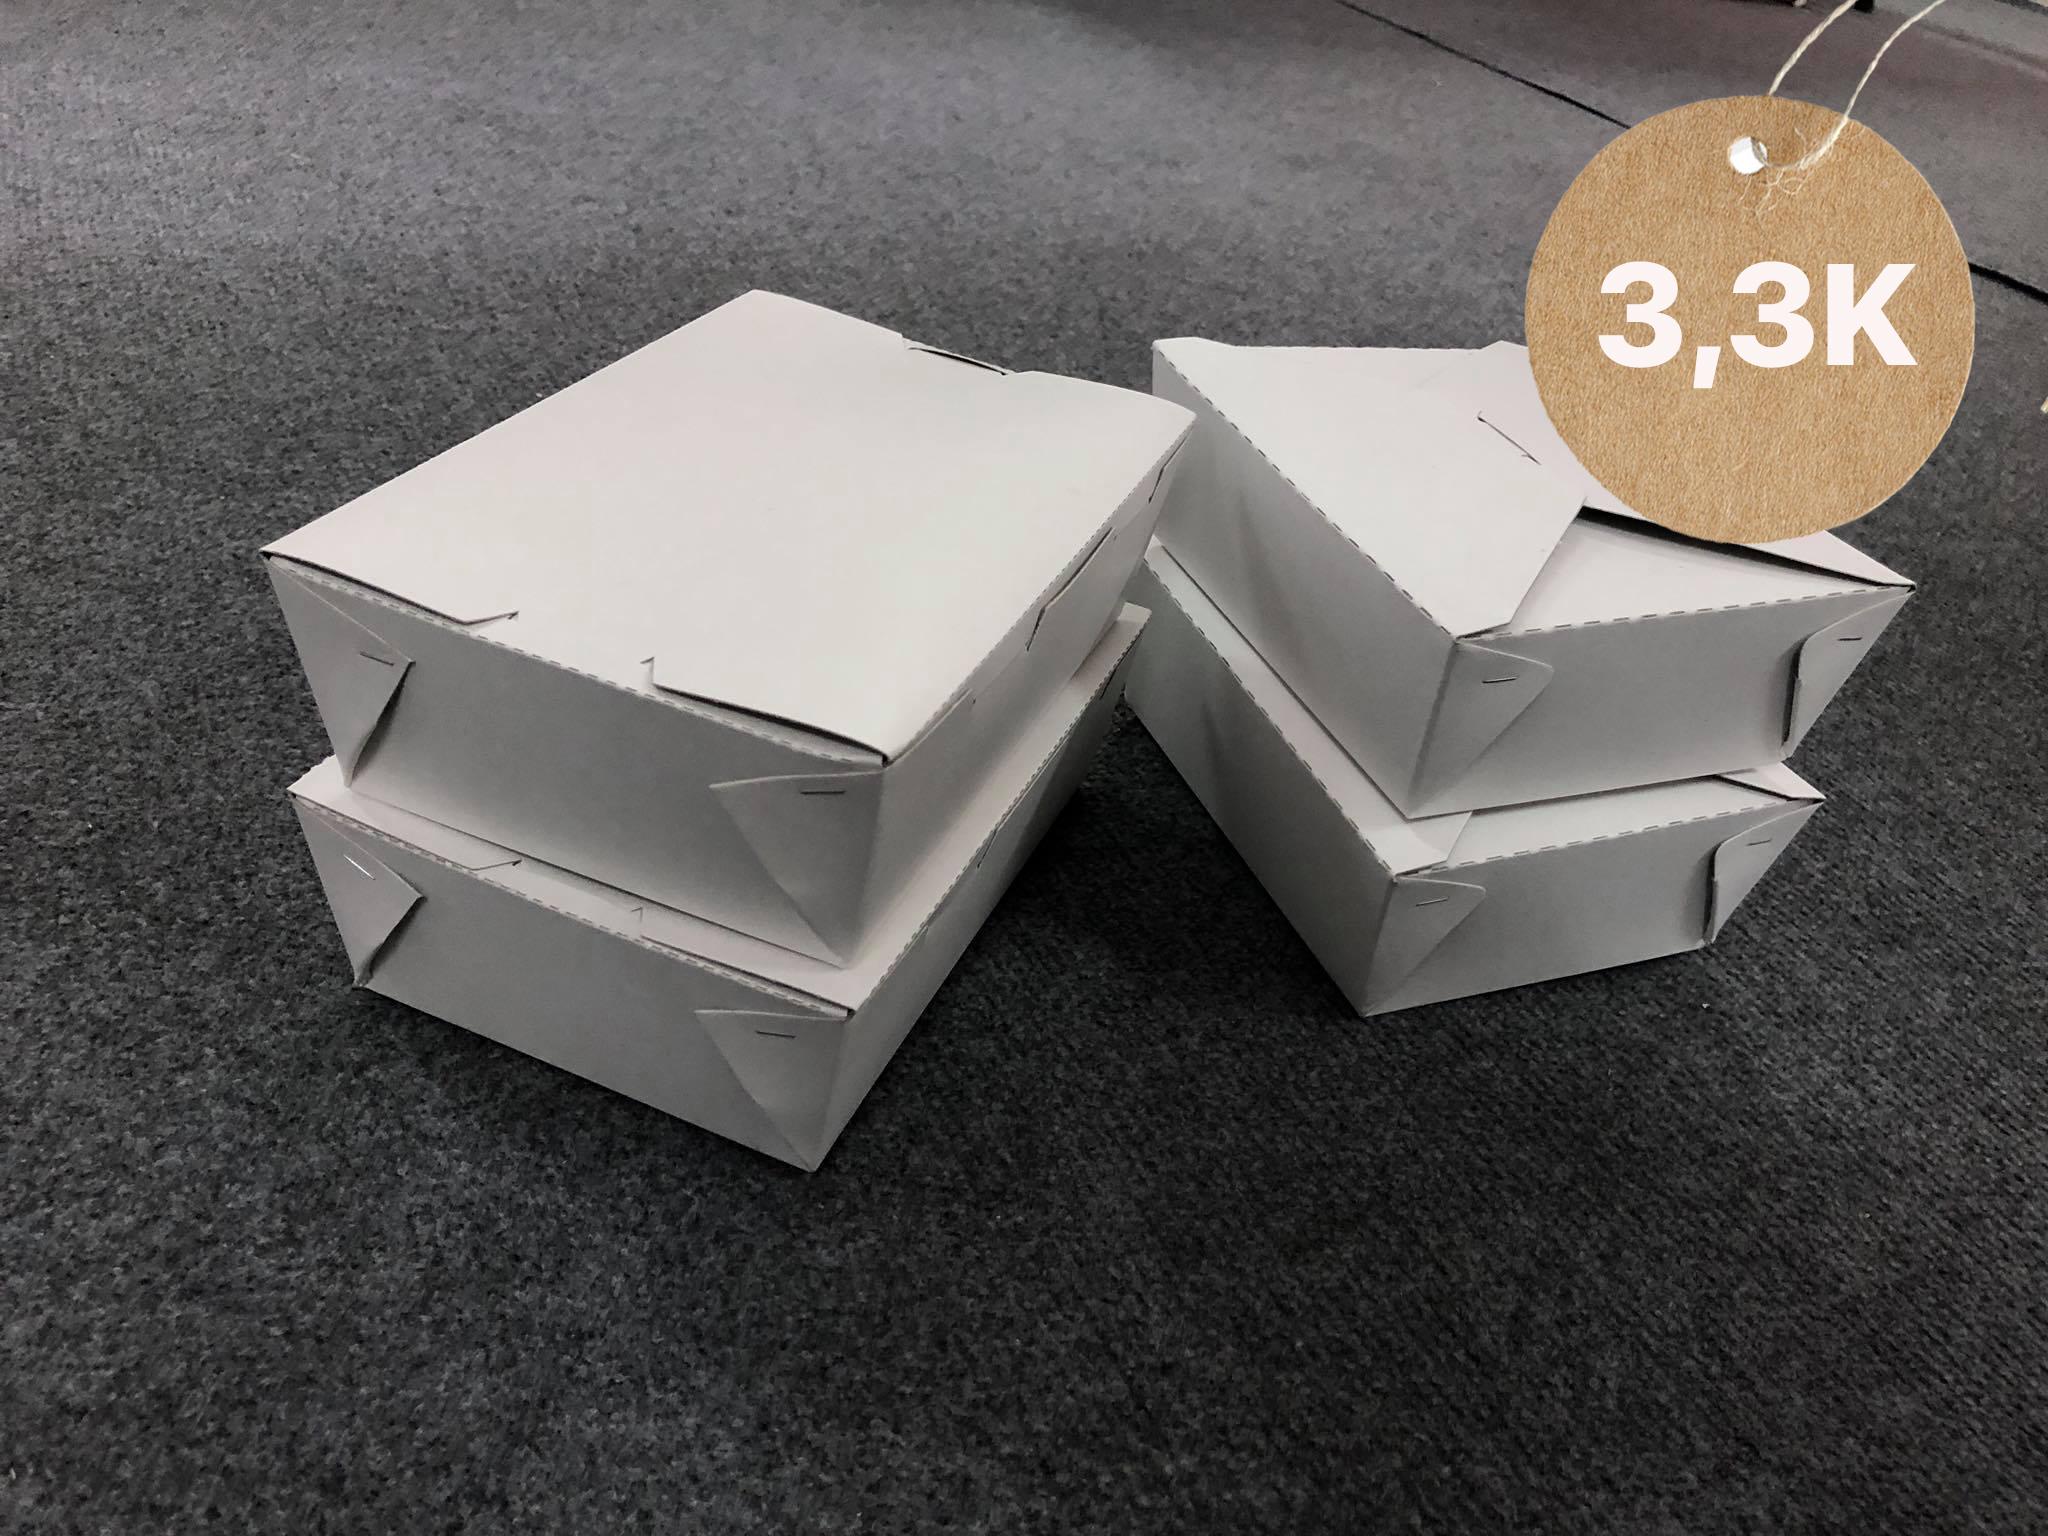 Ngày bán cả trăm đơn với 6 mẫu hộp đựng thức ăn mang về dành riêng cho các shop bán đồ ăn online - Ảnh 5.